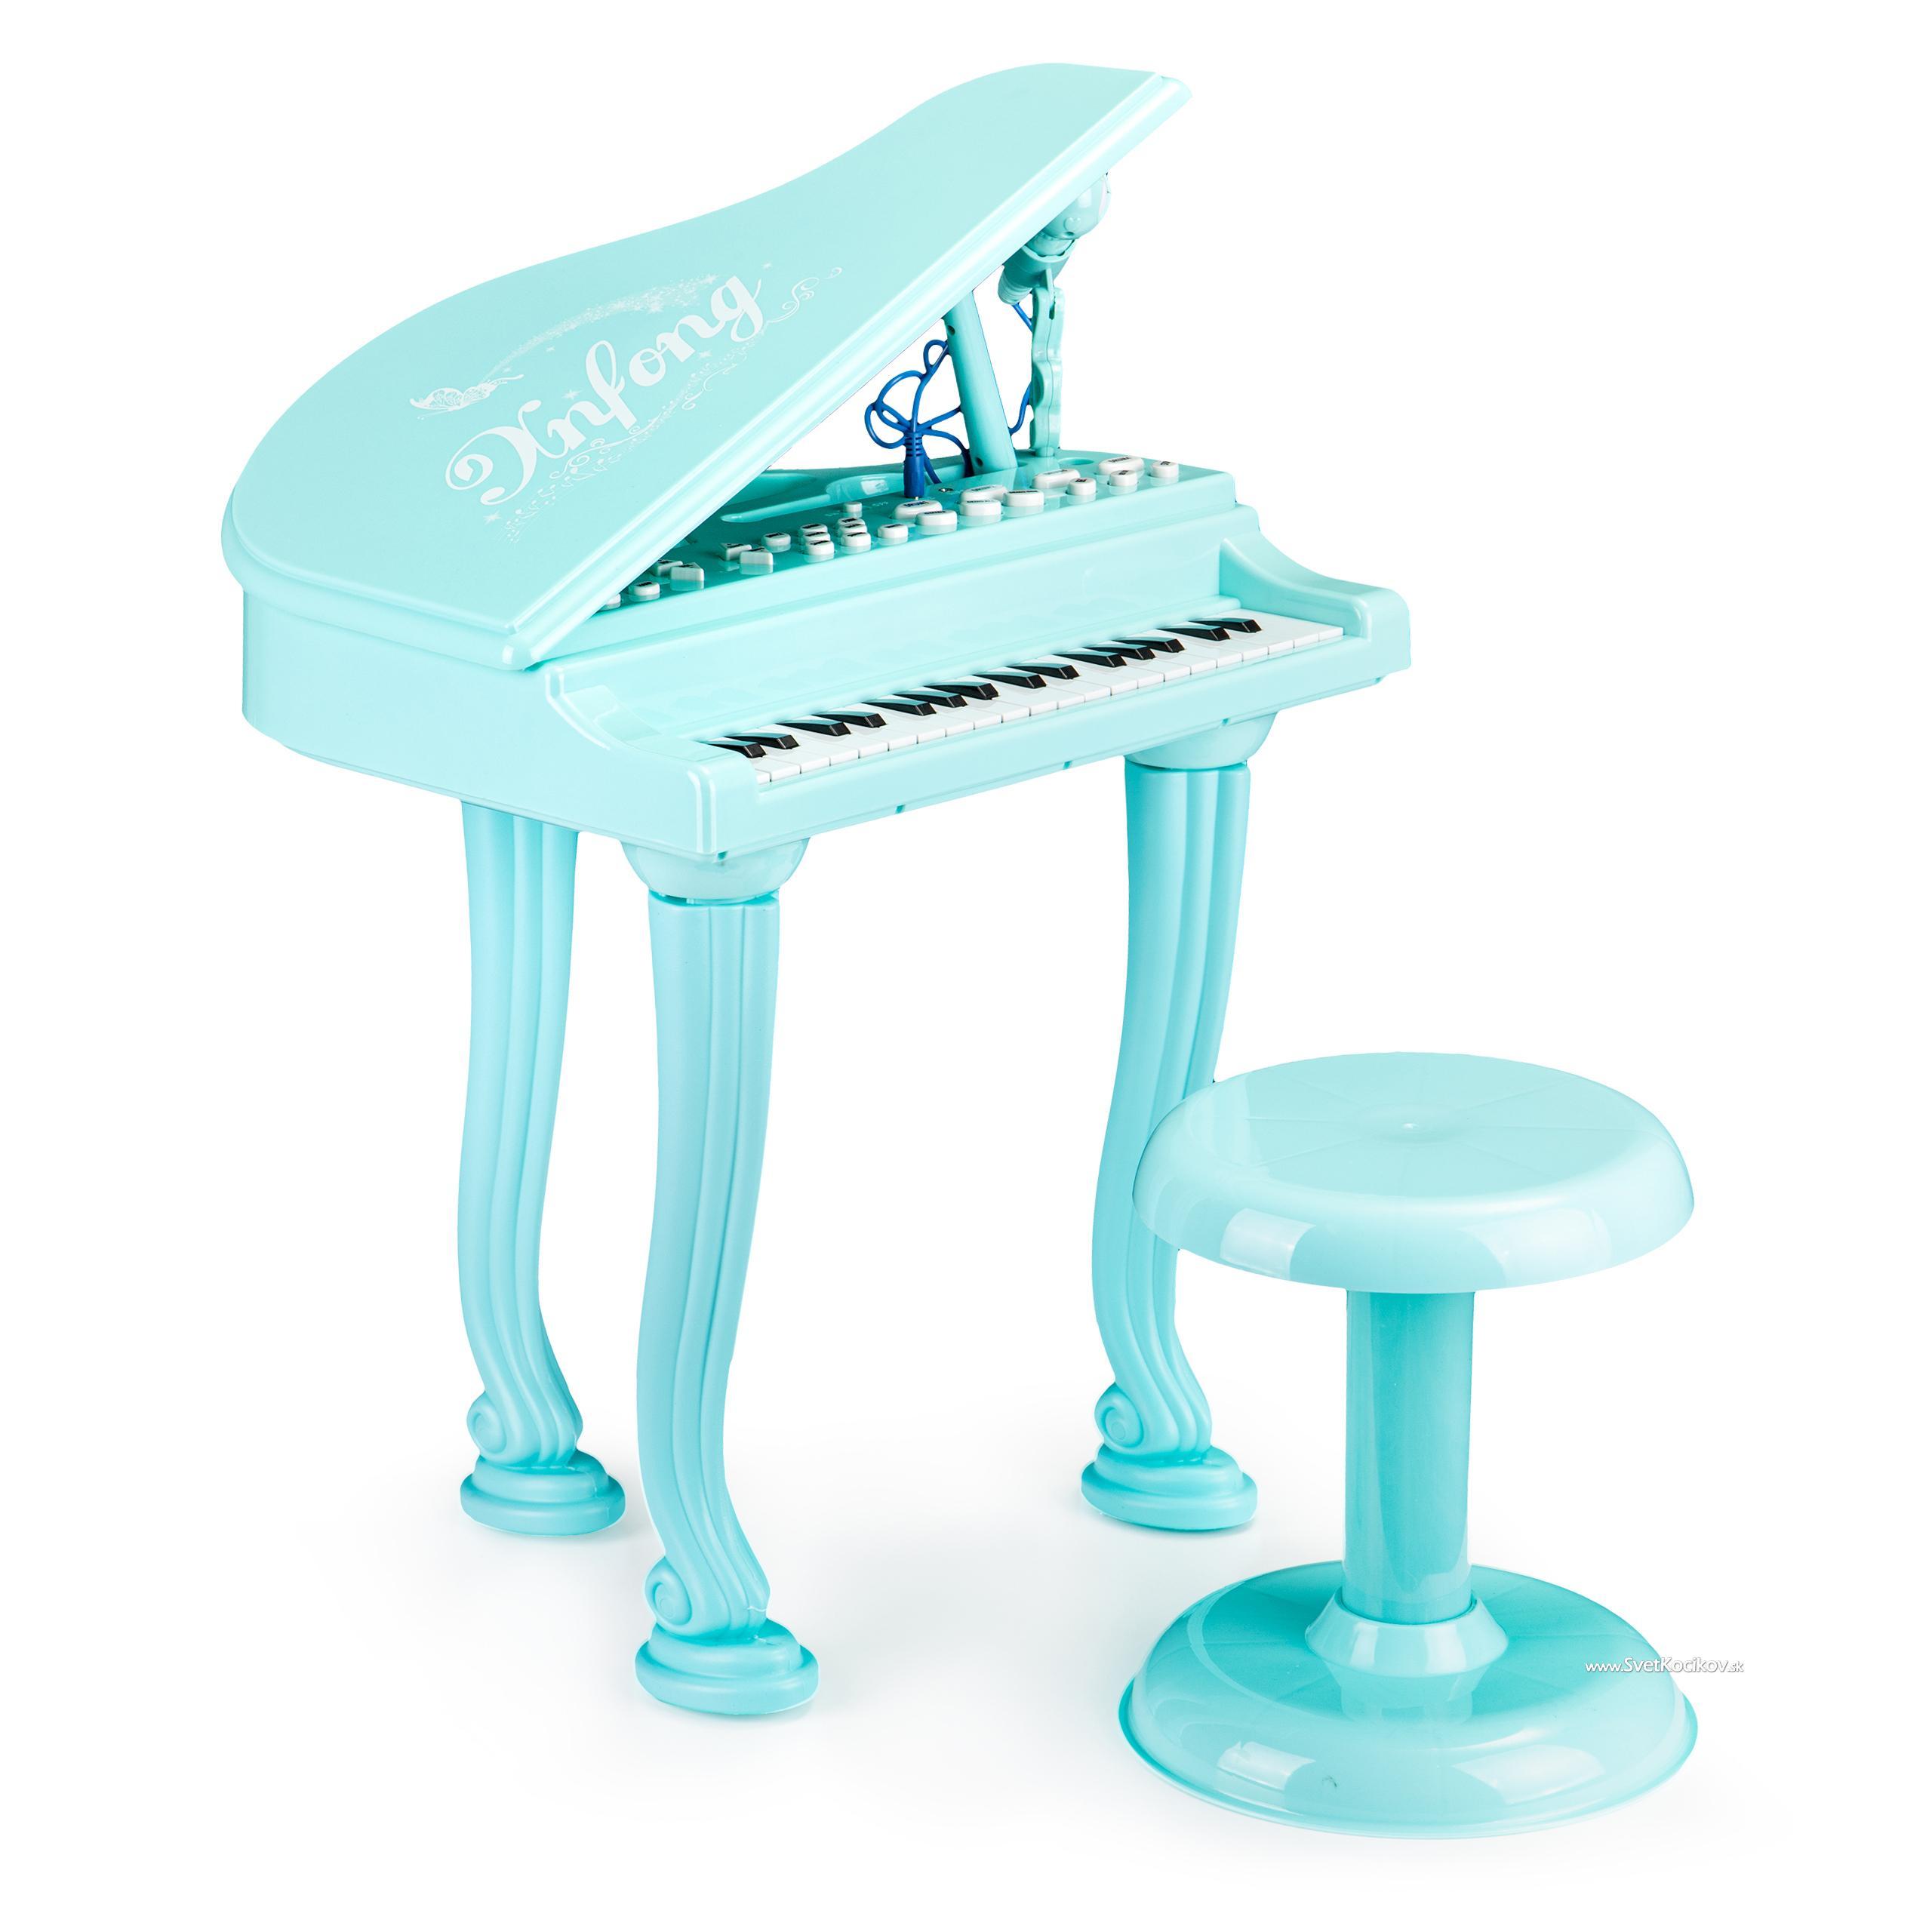 EcoToys Fortepiano organki keyboard pianíno s mikrofónom mp3, modrá HC490481